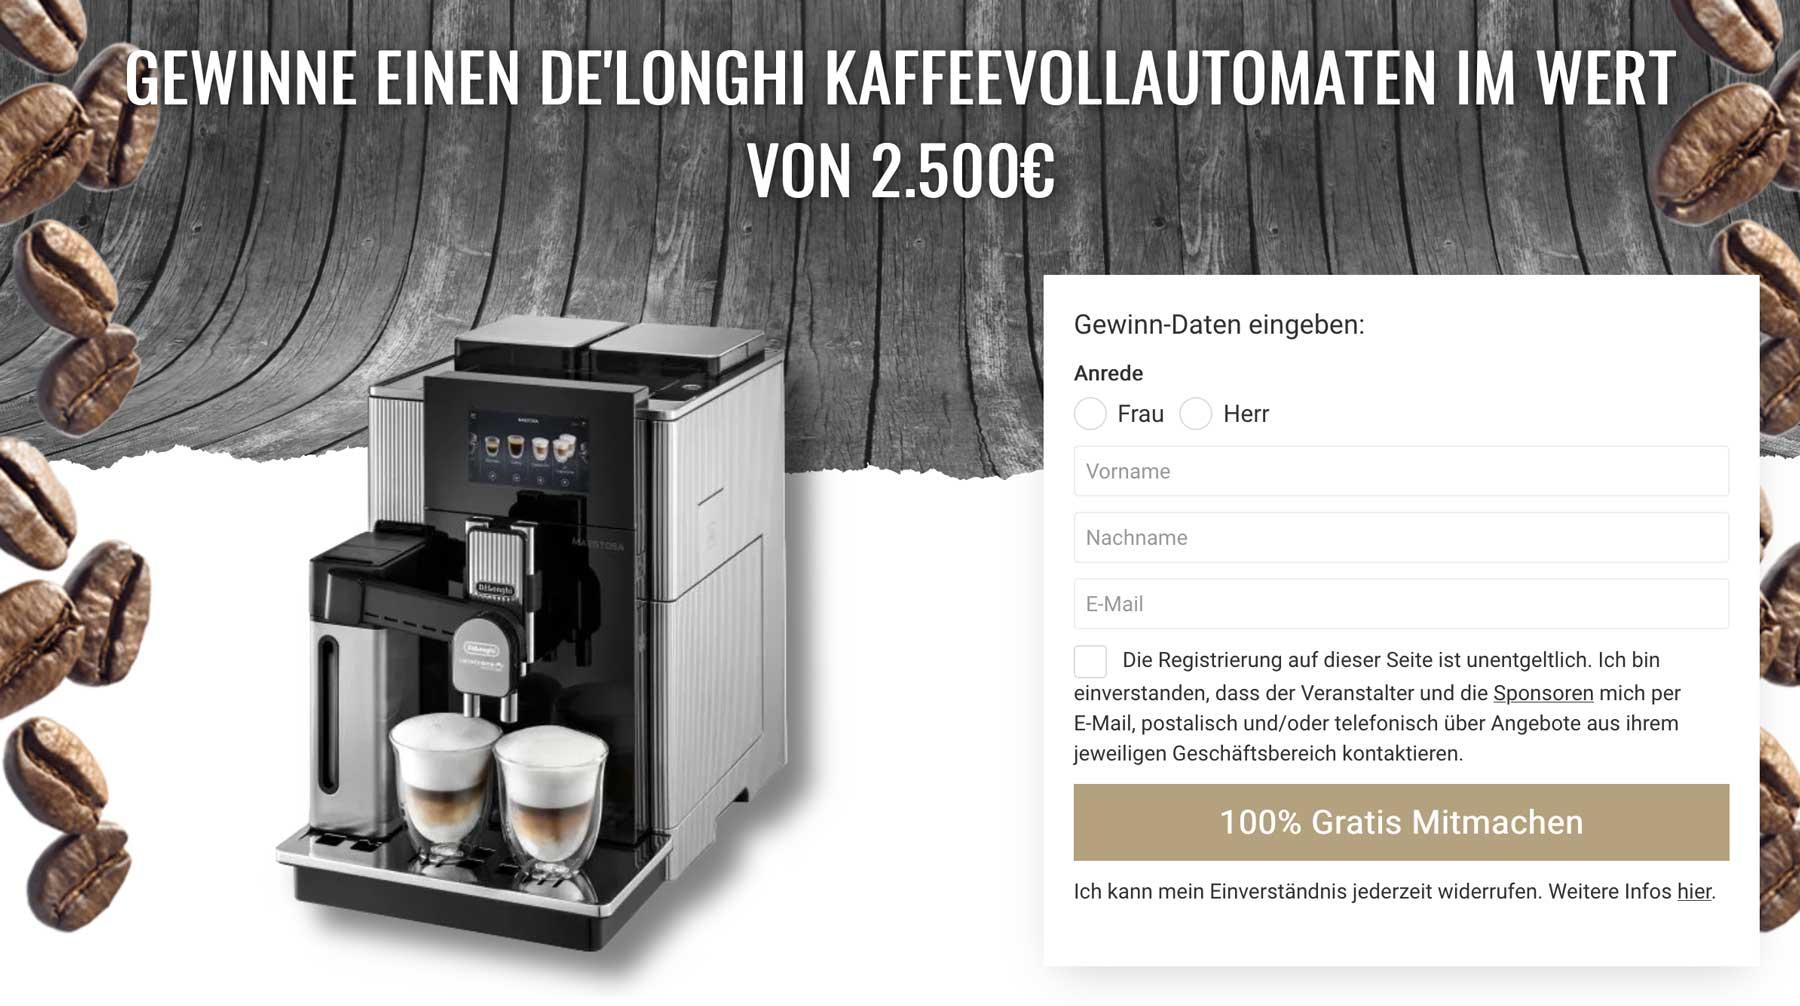 Kaffeevollautomaten Gewinnspiel